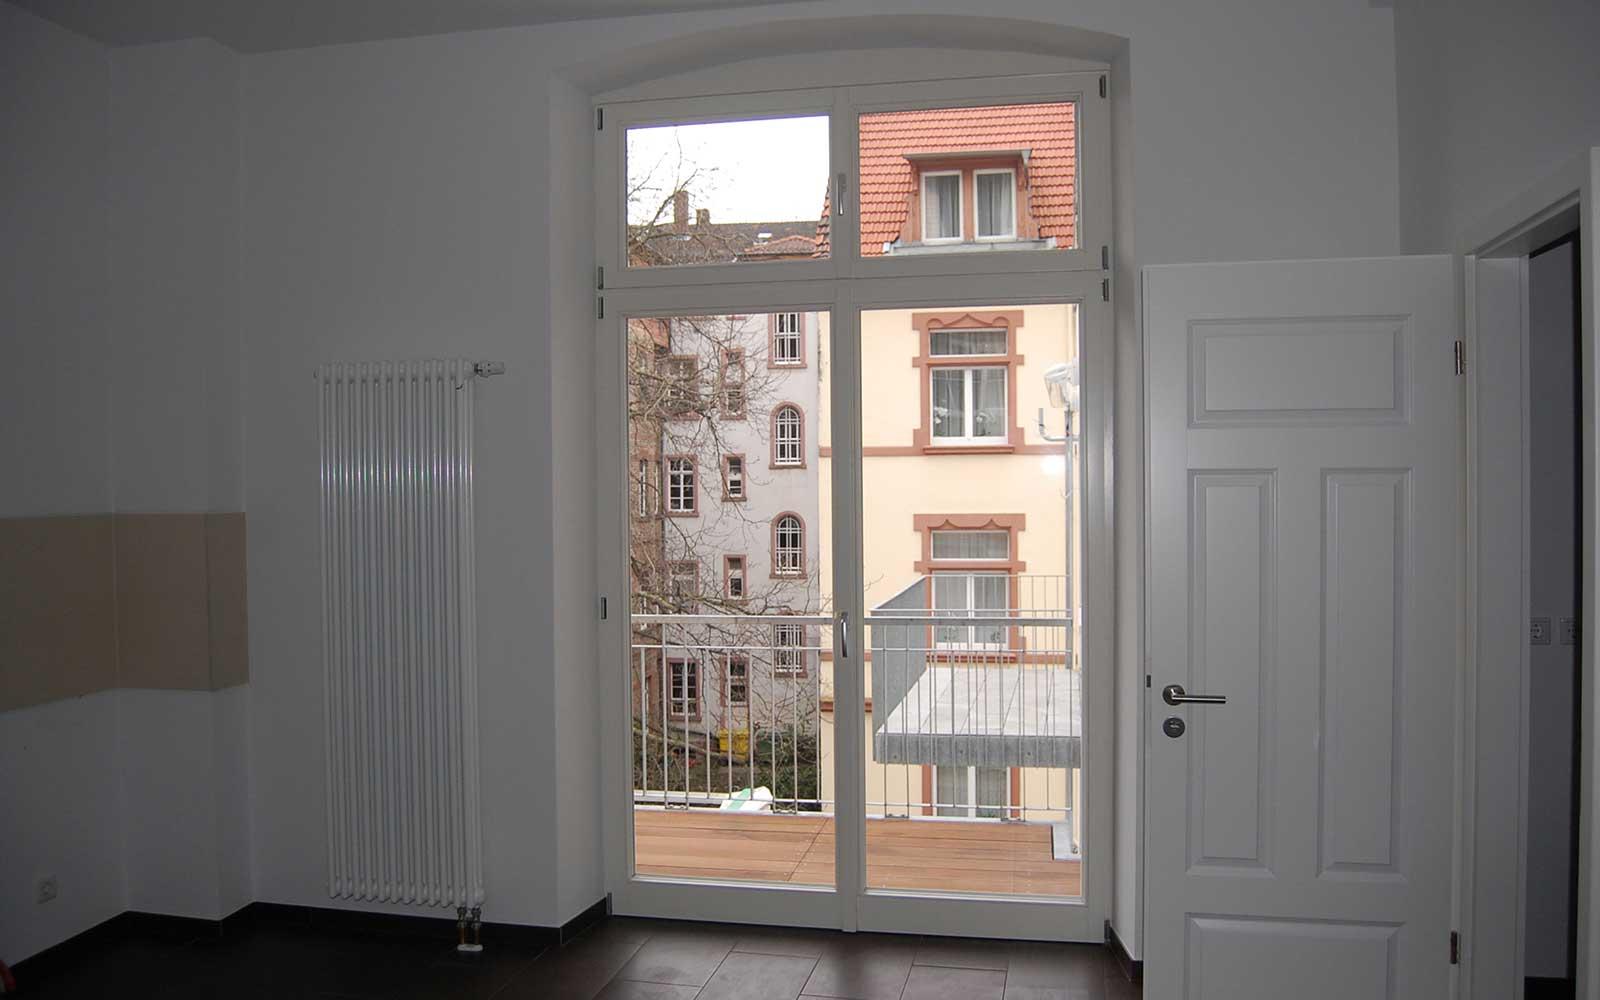 Mehrfamilienhaus in der Weststadt Heidelberg, Kochhan und Weckbach Architekten